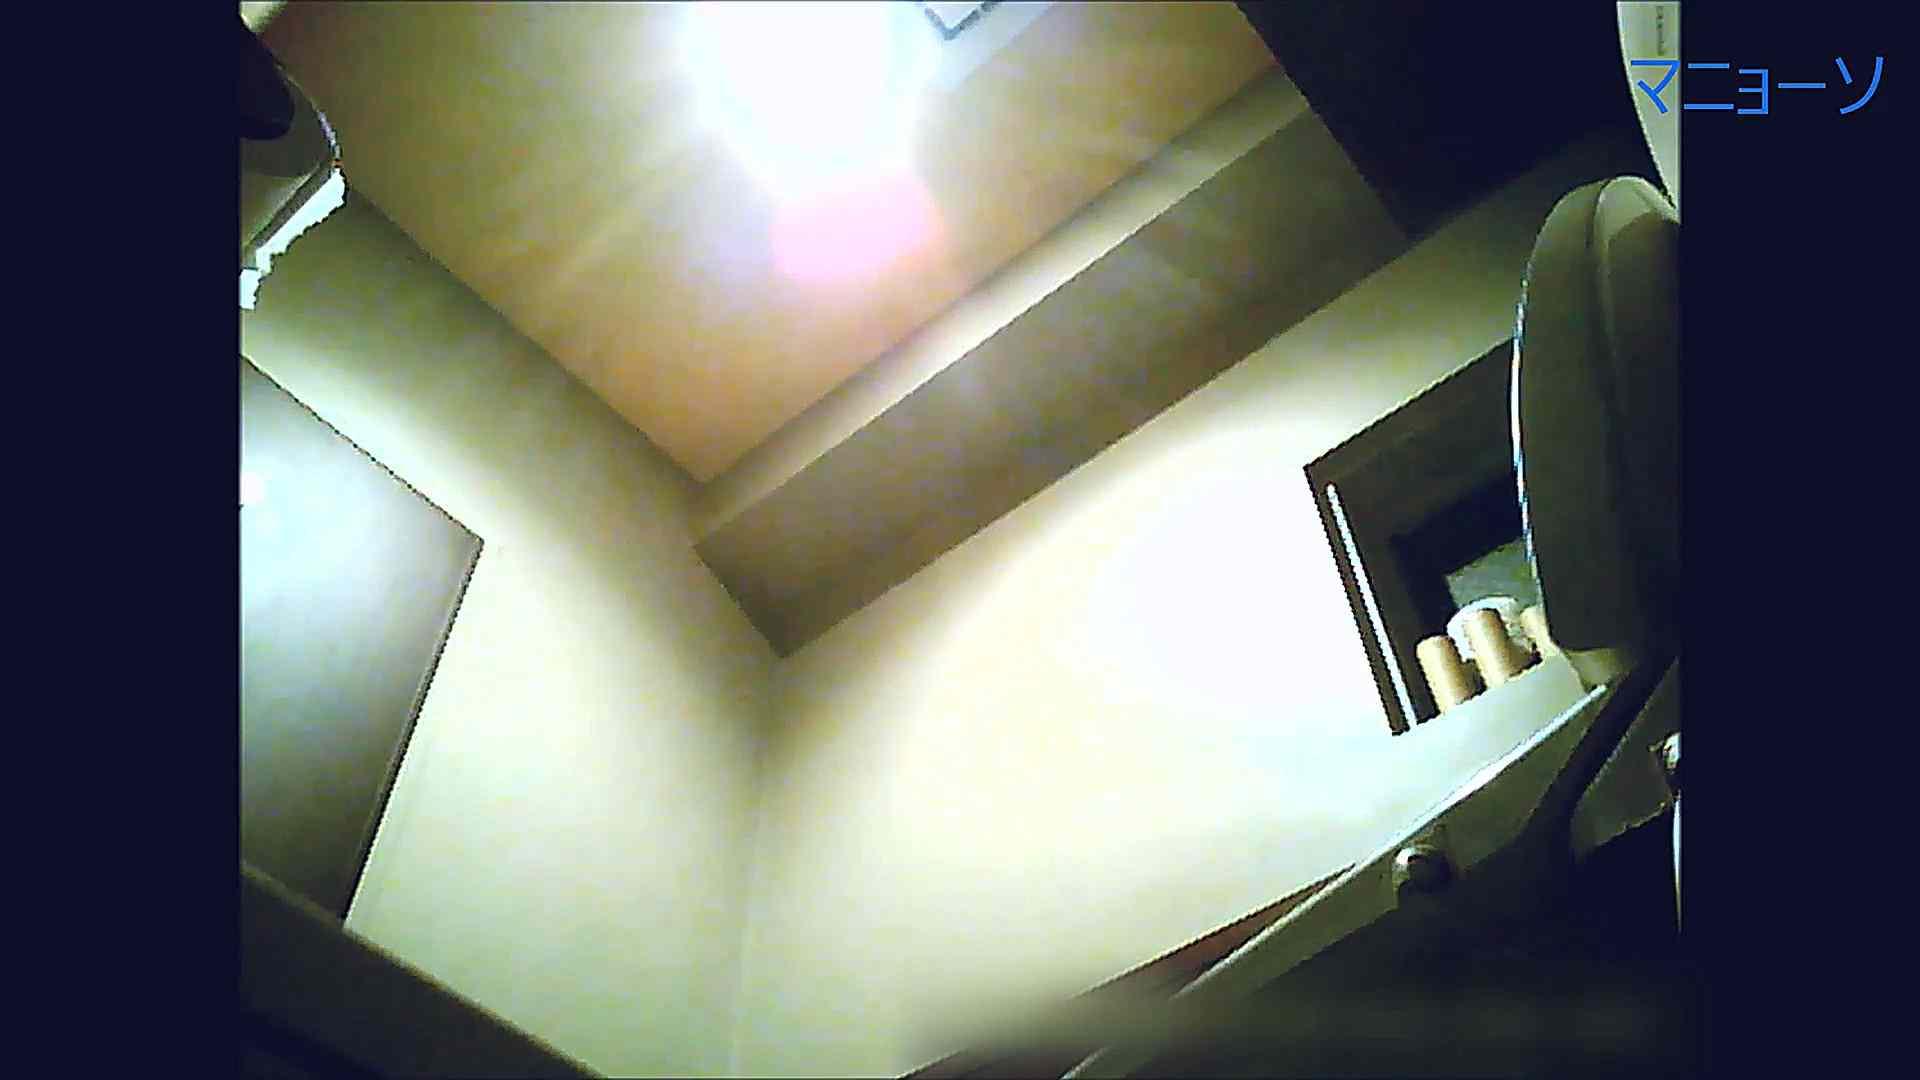 トイレでひと肌脱いでもらいました (OL編)Vol.12 エッチなお姉さん | 高画質動画  85画像 25